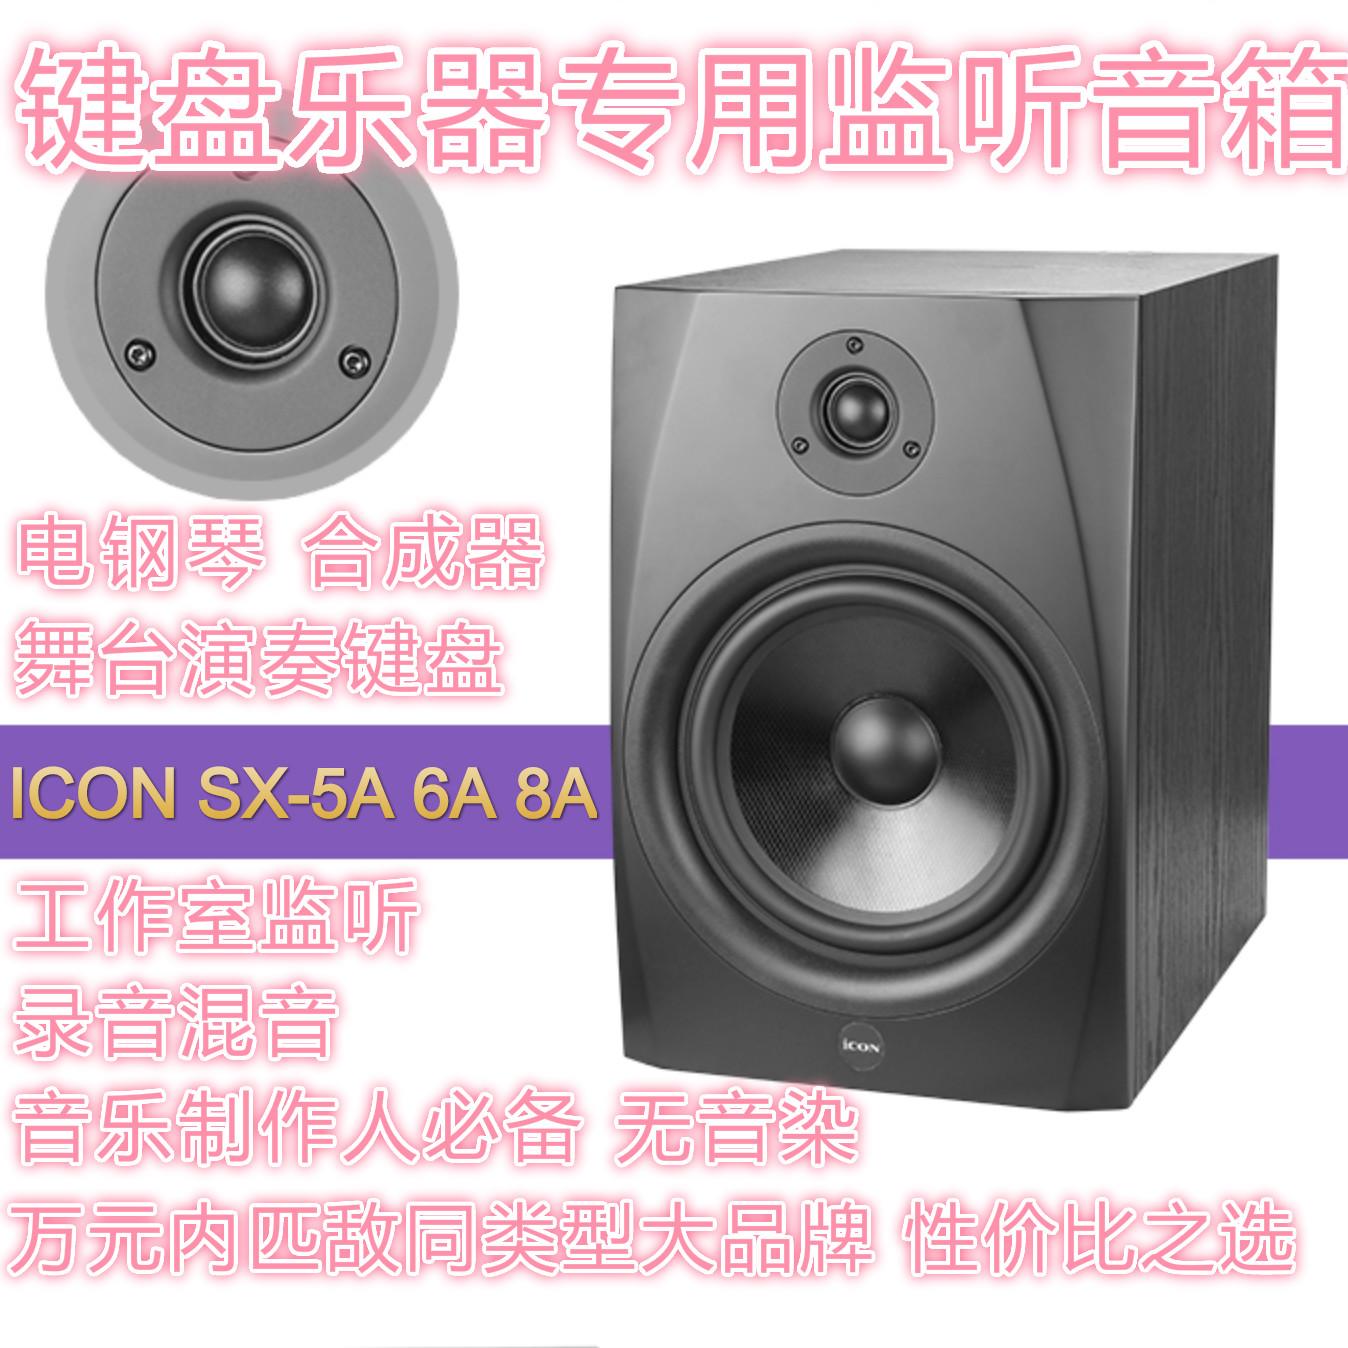 [野 雅 绫] Aiken BIỂU TƯỢNG SX-5A 6A 8A DT-5A 6A 8A màn hình chuyên nghiệp cụ loa